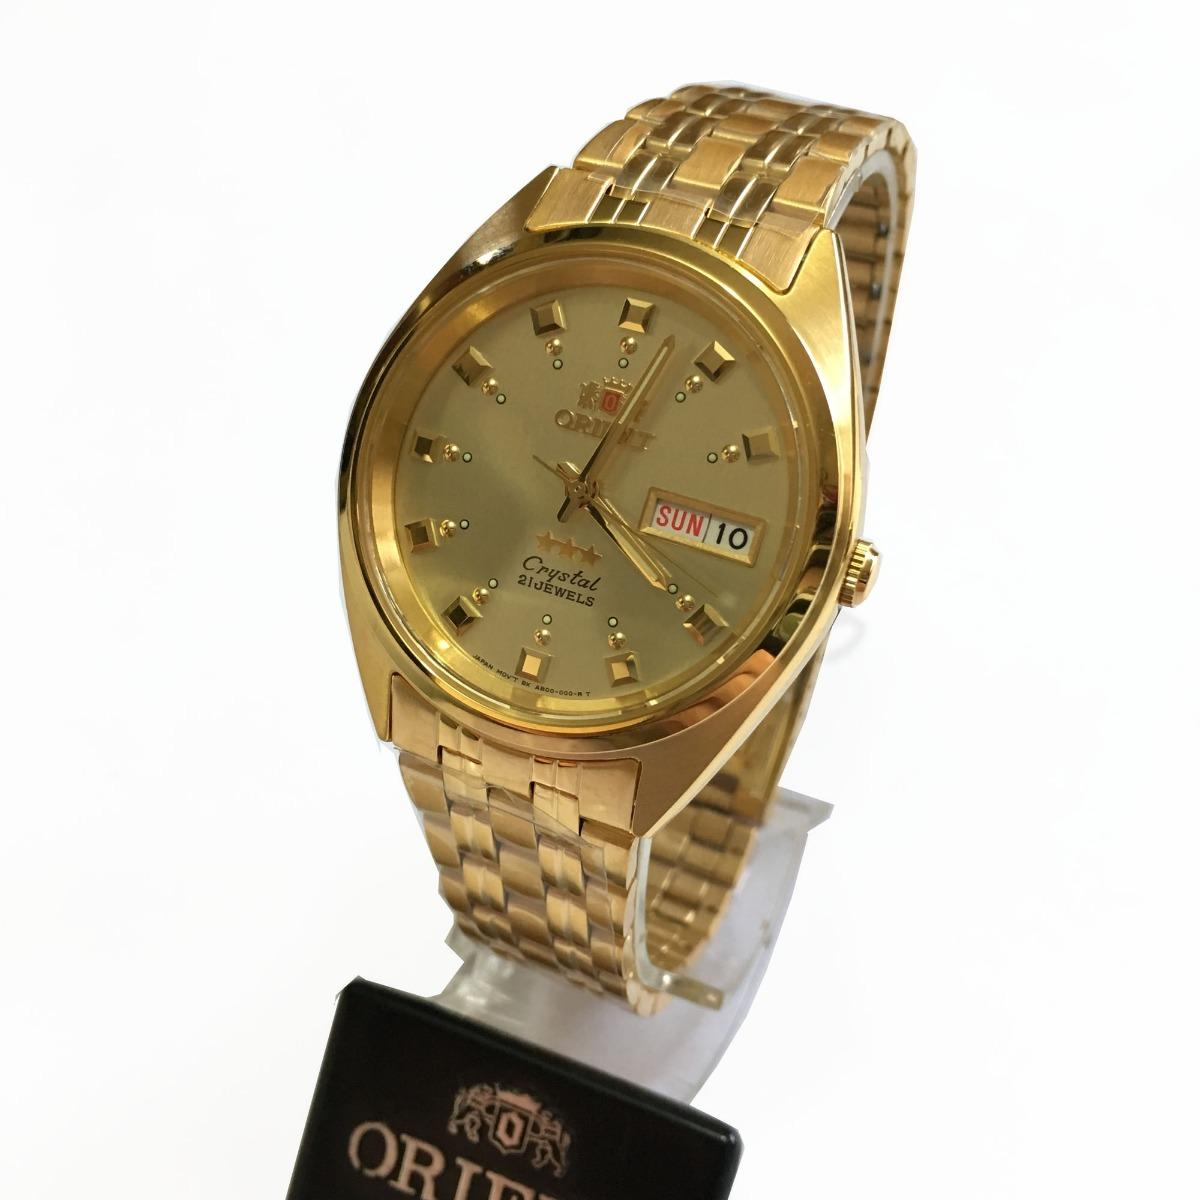 3839cdee27f Relógio Orient Automatico Masculino Dourado Original C Caixa - R ...